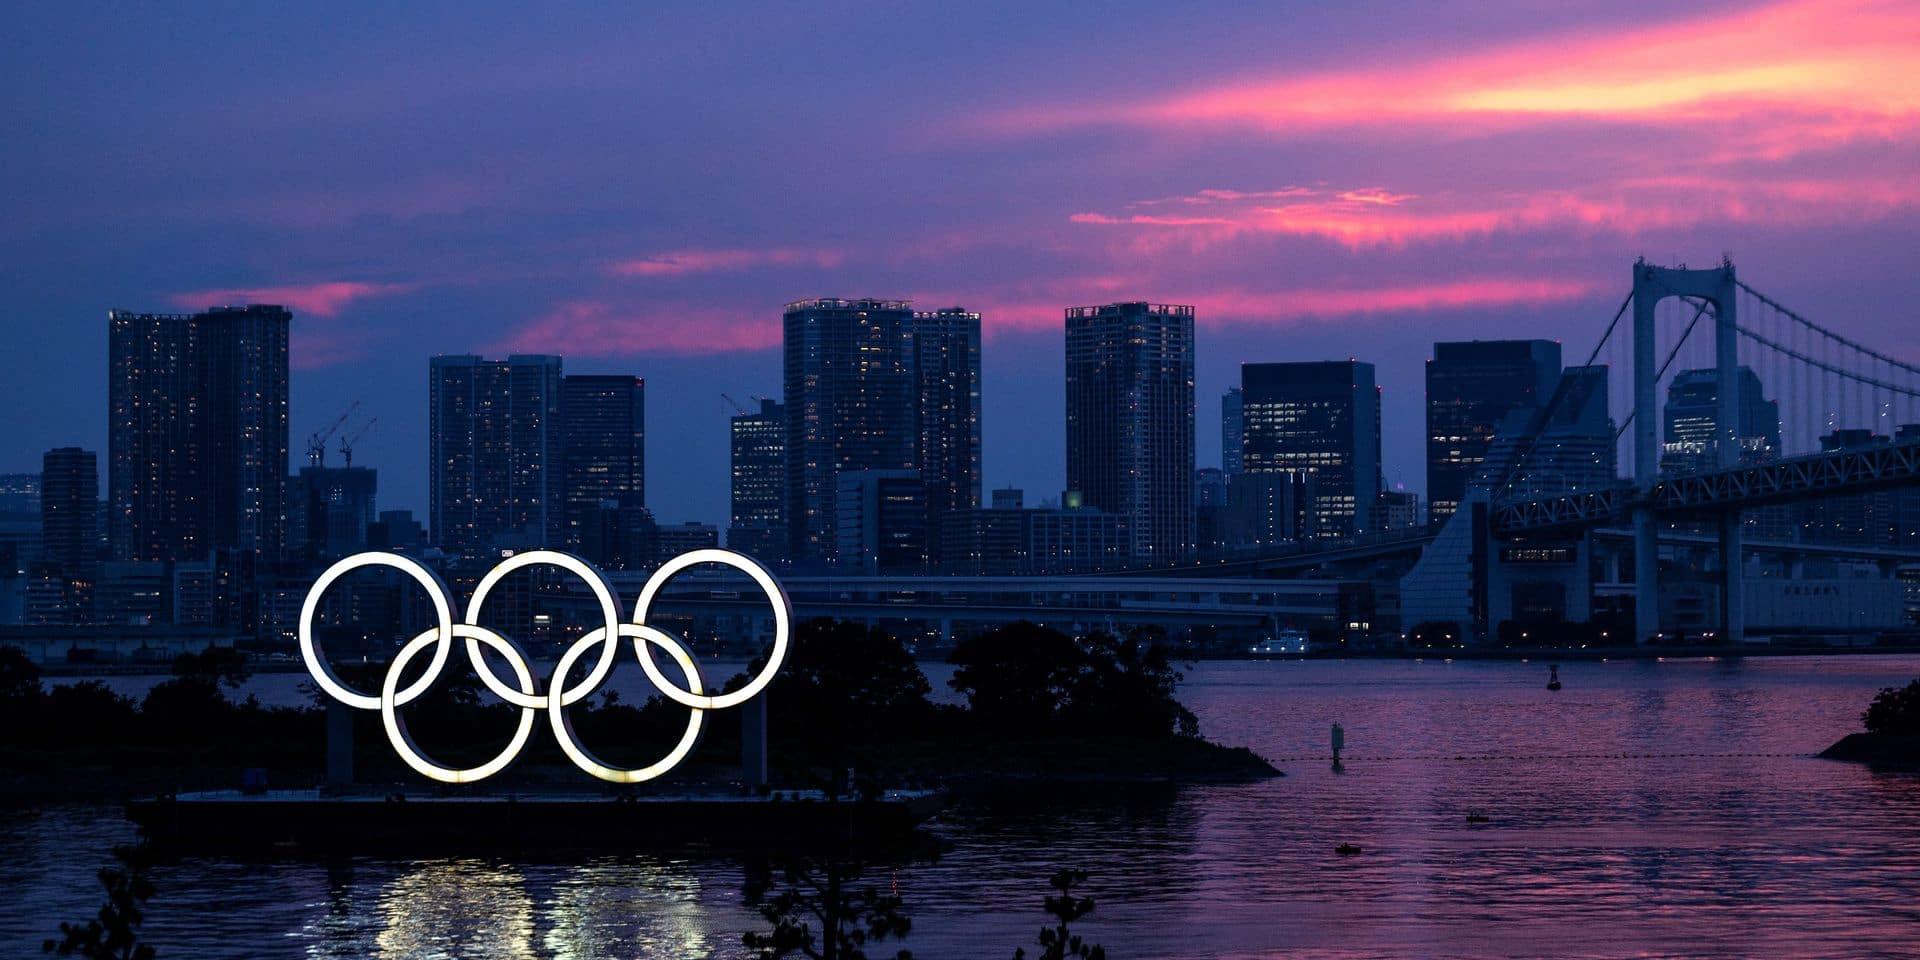 7 Belges sur 10 ne sont pas intéressés par les Jeux olympiques de Tokyo